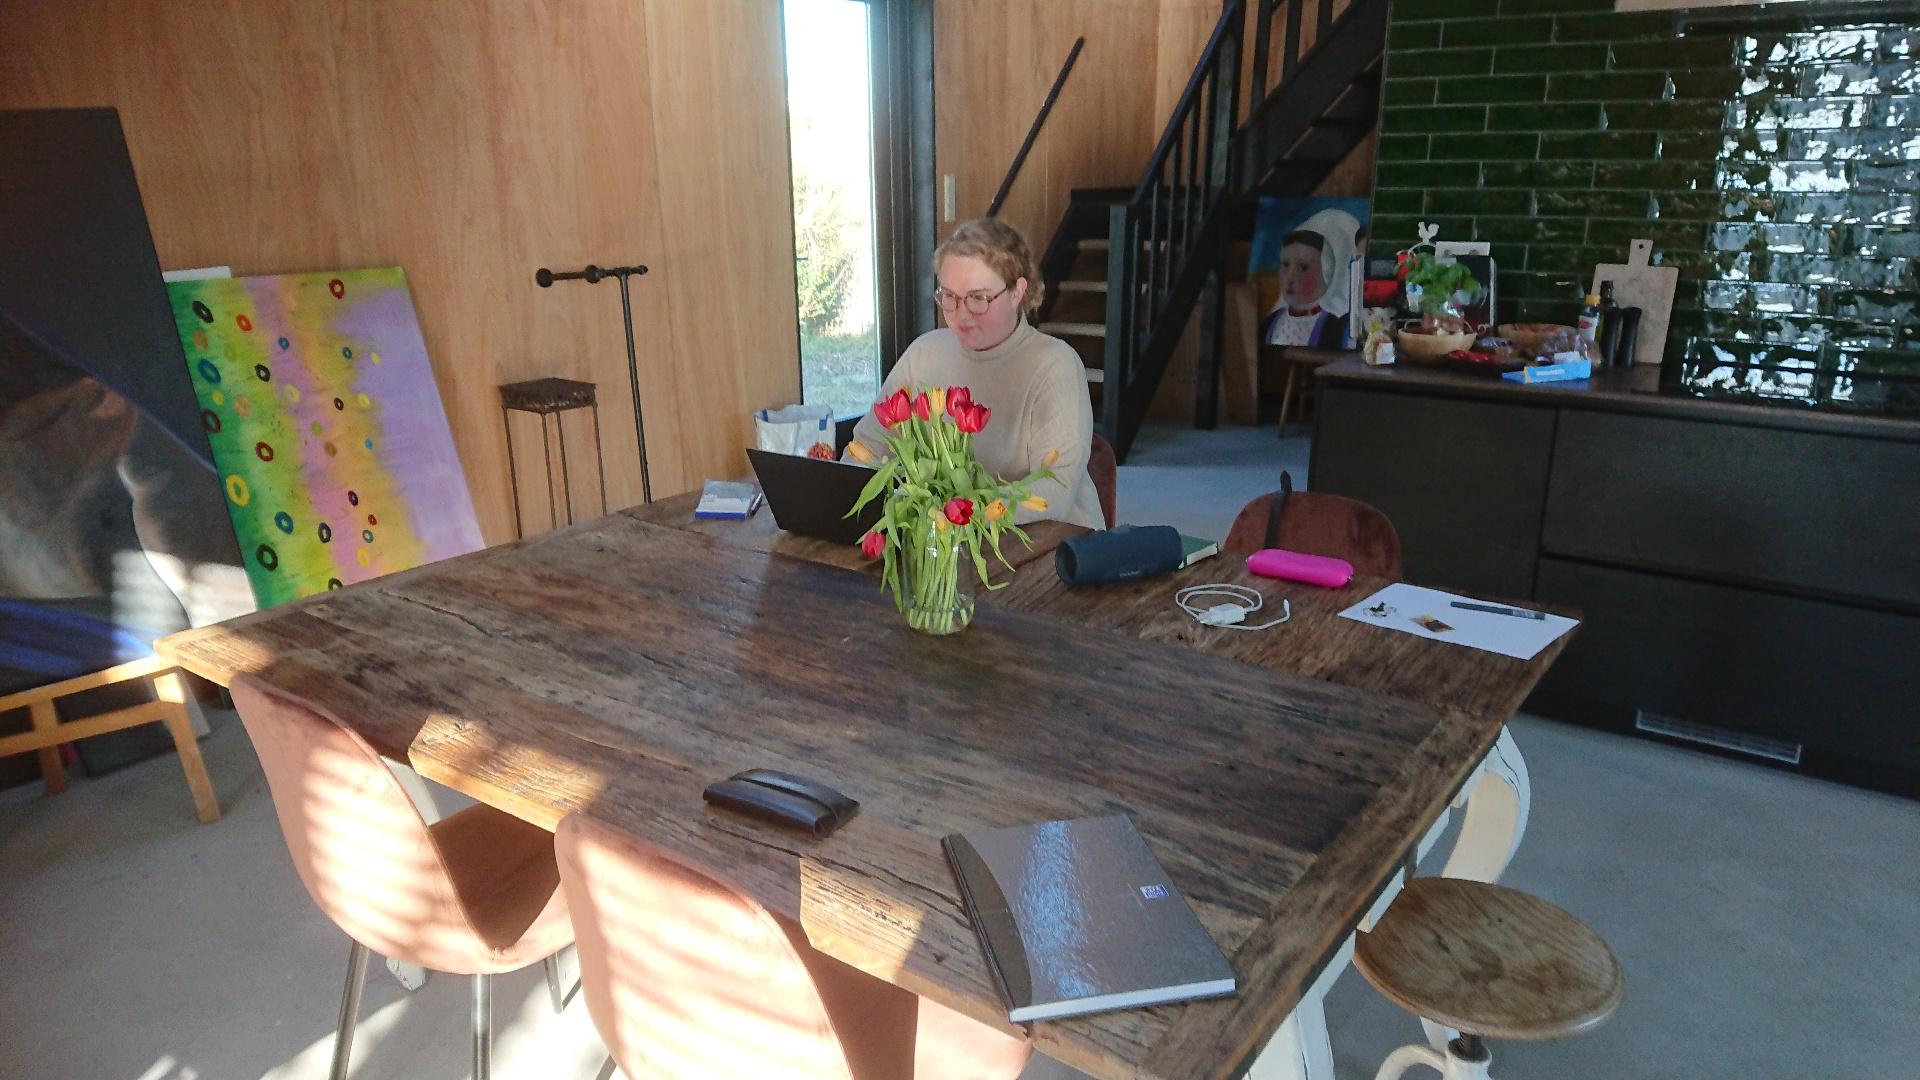 Schrijver Jessica Kuitenbrouwer werkt aan haar debuutroman